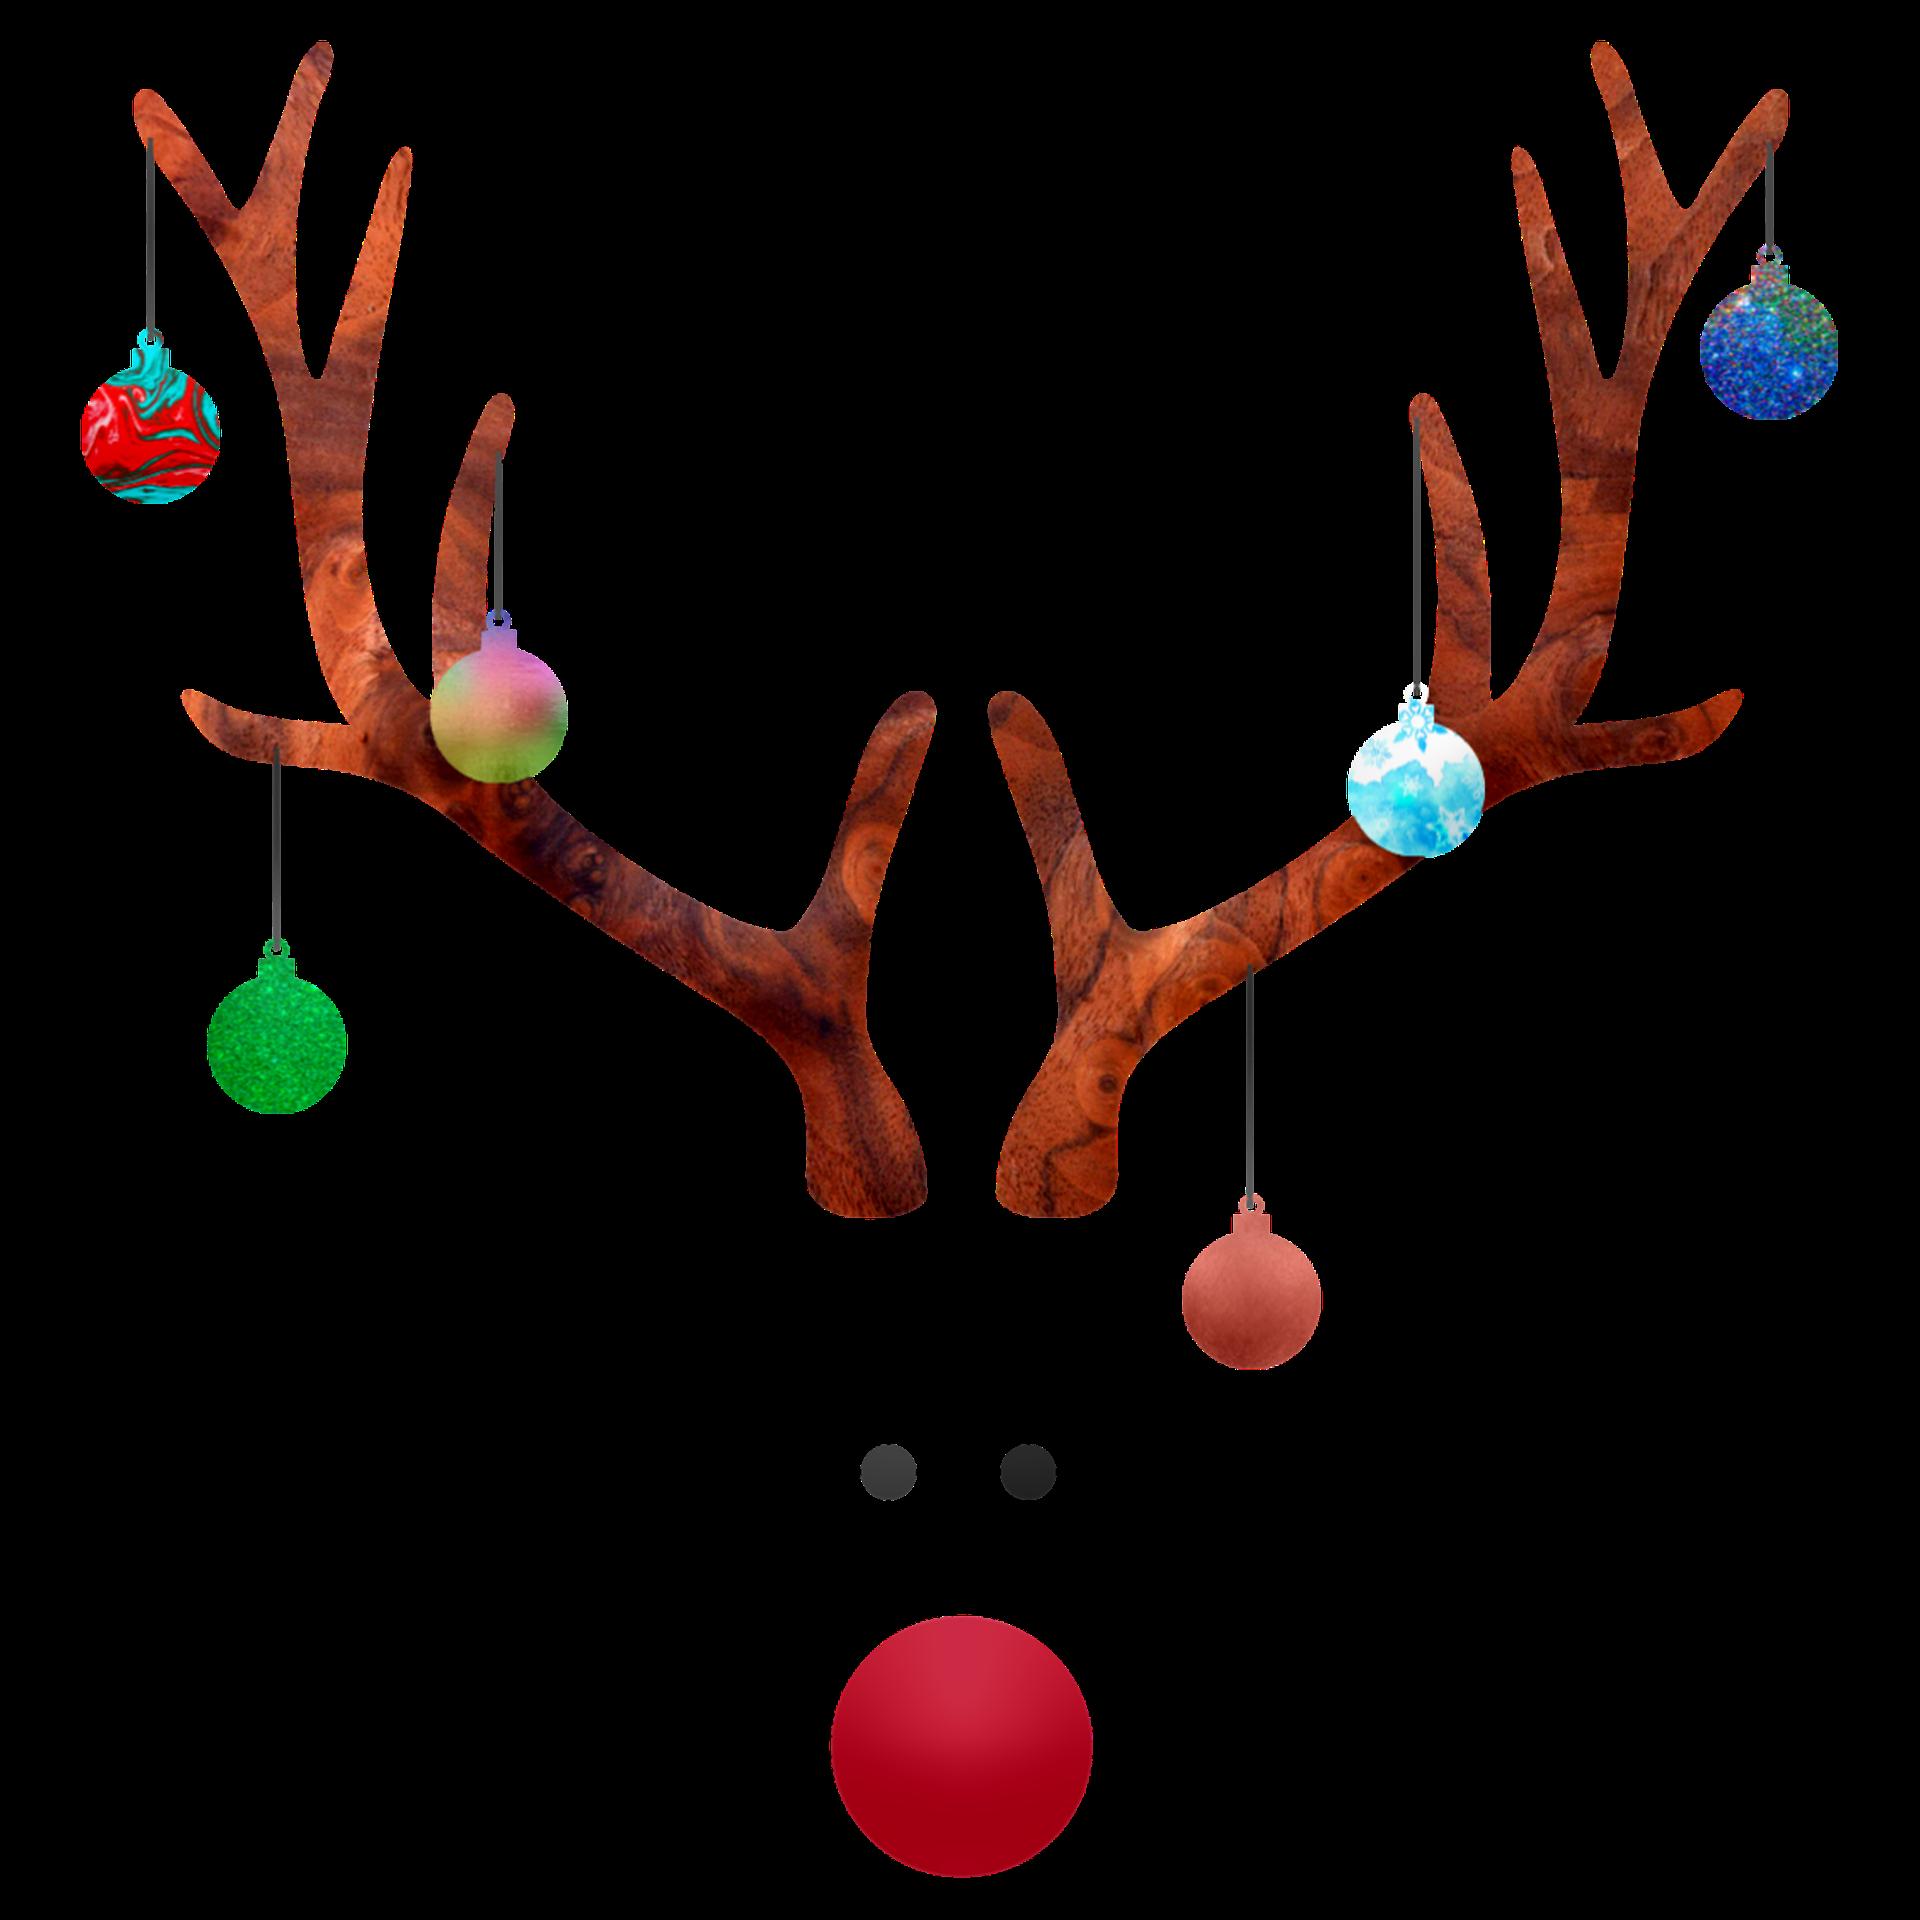 Renntier mit Weihnachtskugeln im Geweih